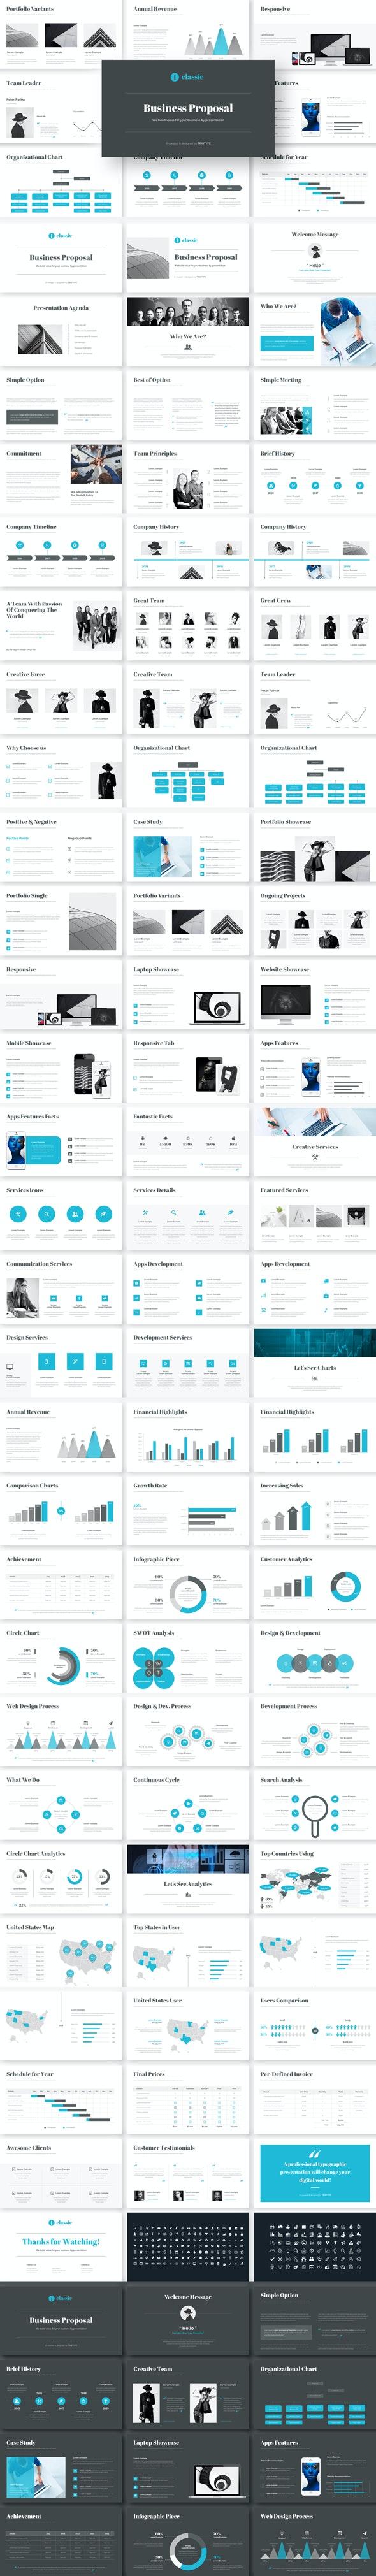 Business Google Slides Presentation Template - Google Slides Presentation Templates